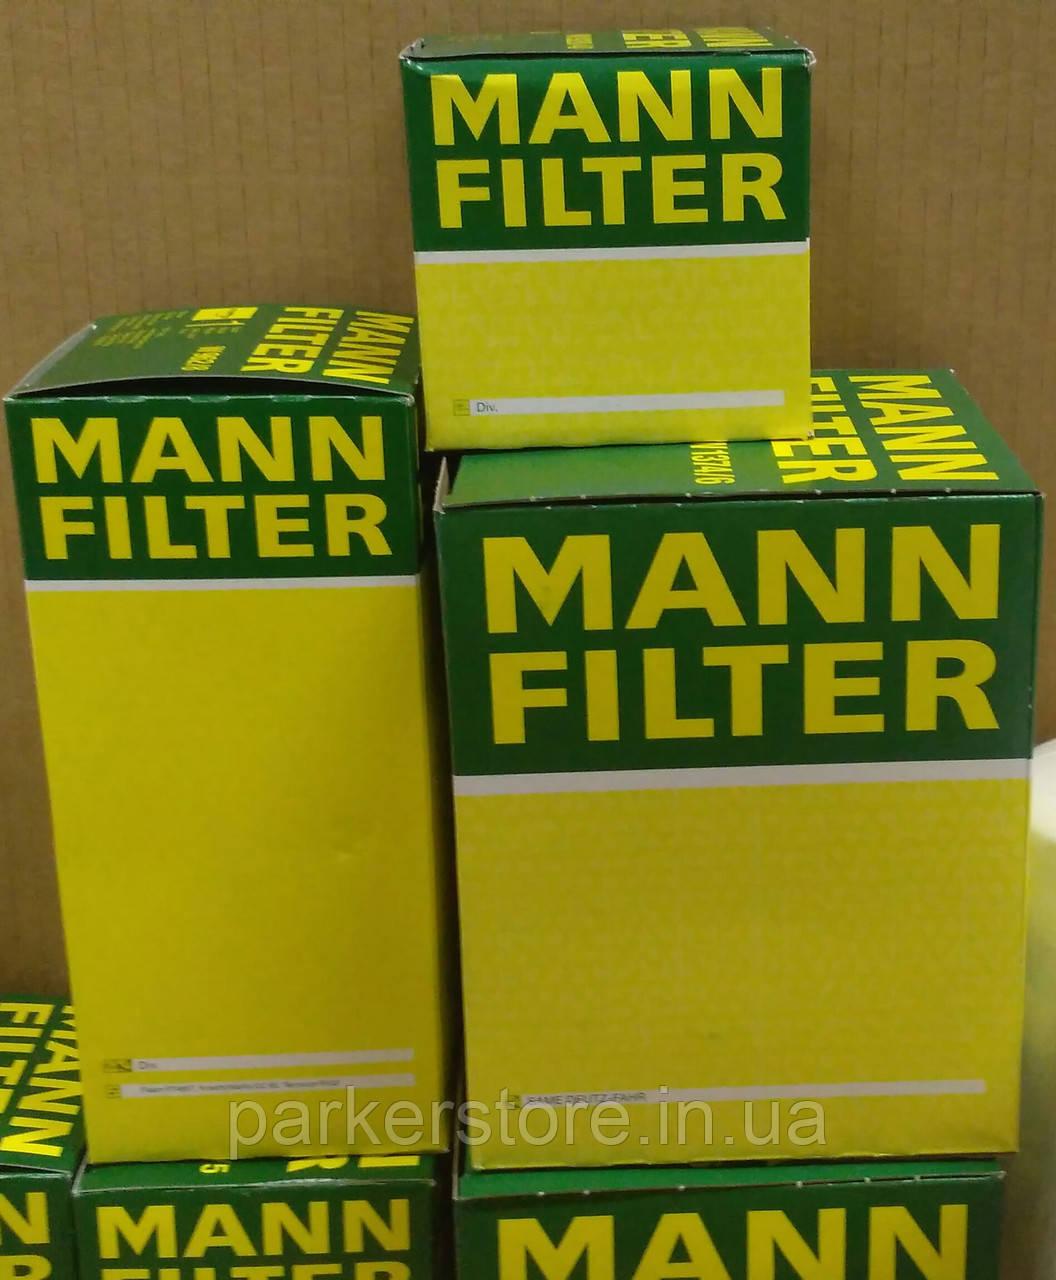 MANN FILTER / Воздушный фильтр / C 2372 / C2372